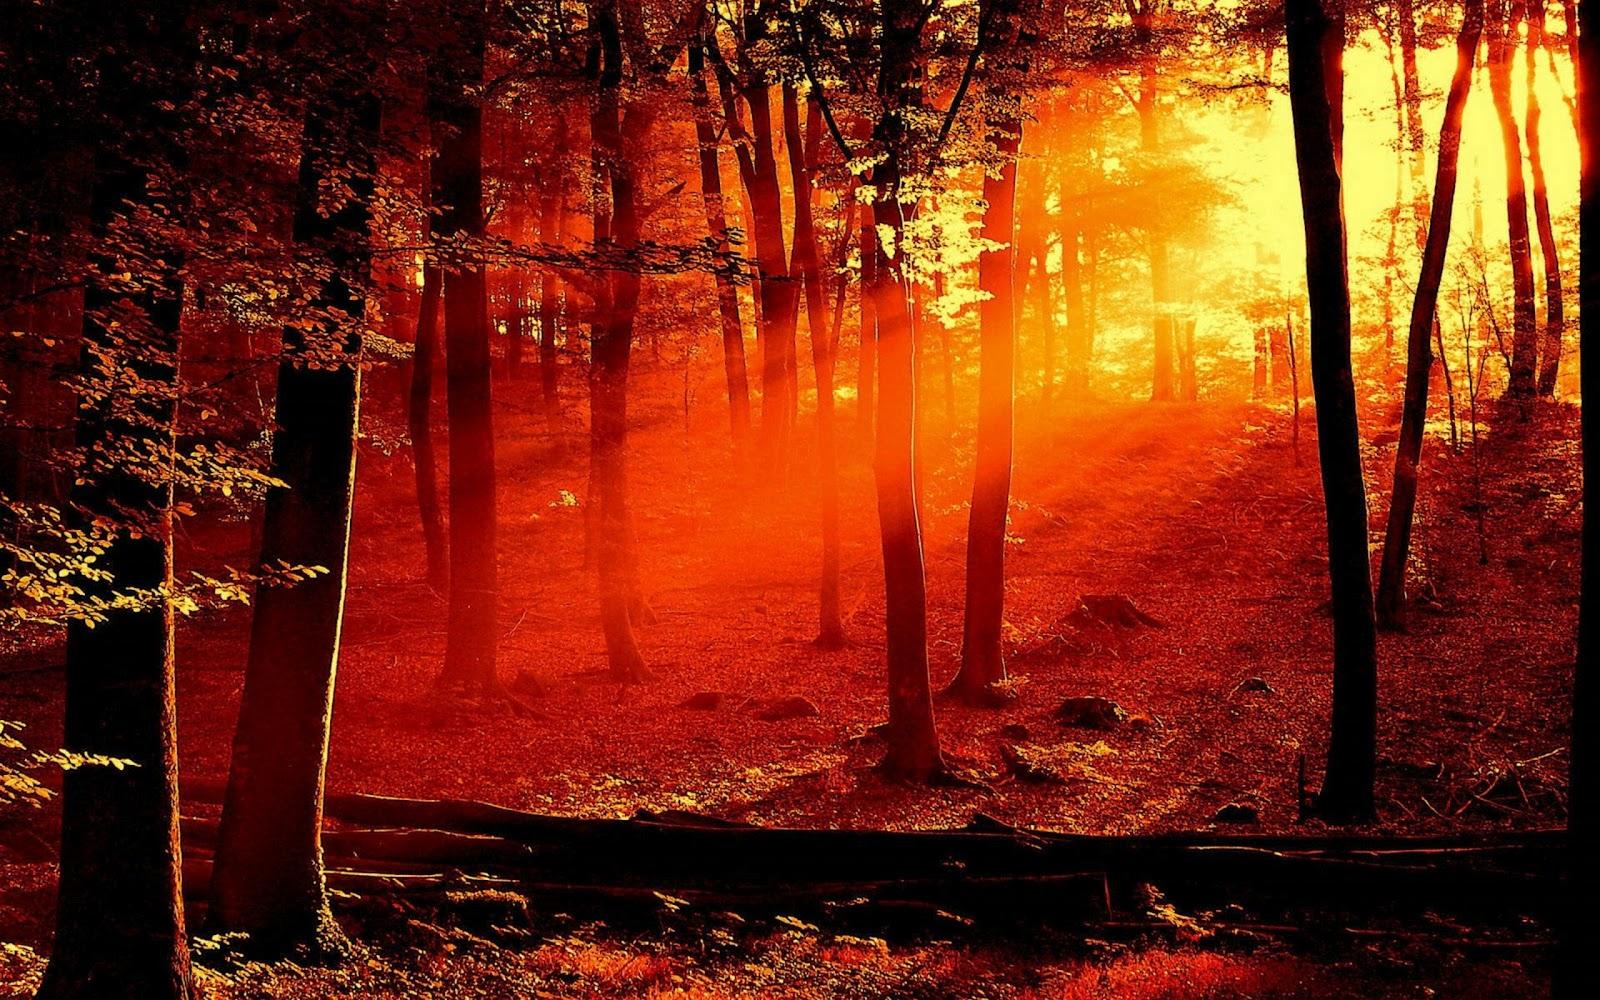 http://4.bp.blogspot.com/-1Smed1C5Lf0/T85MaCZdA-I/AAAAAAAAHN0/YdqhM7A9ctg/s1600/hd-widescreen-wallpapers.jpg